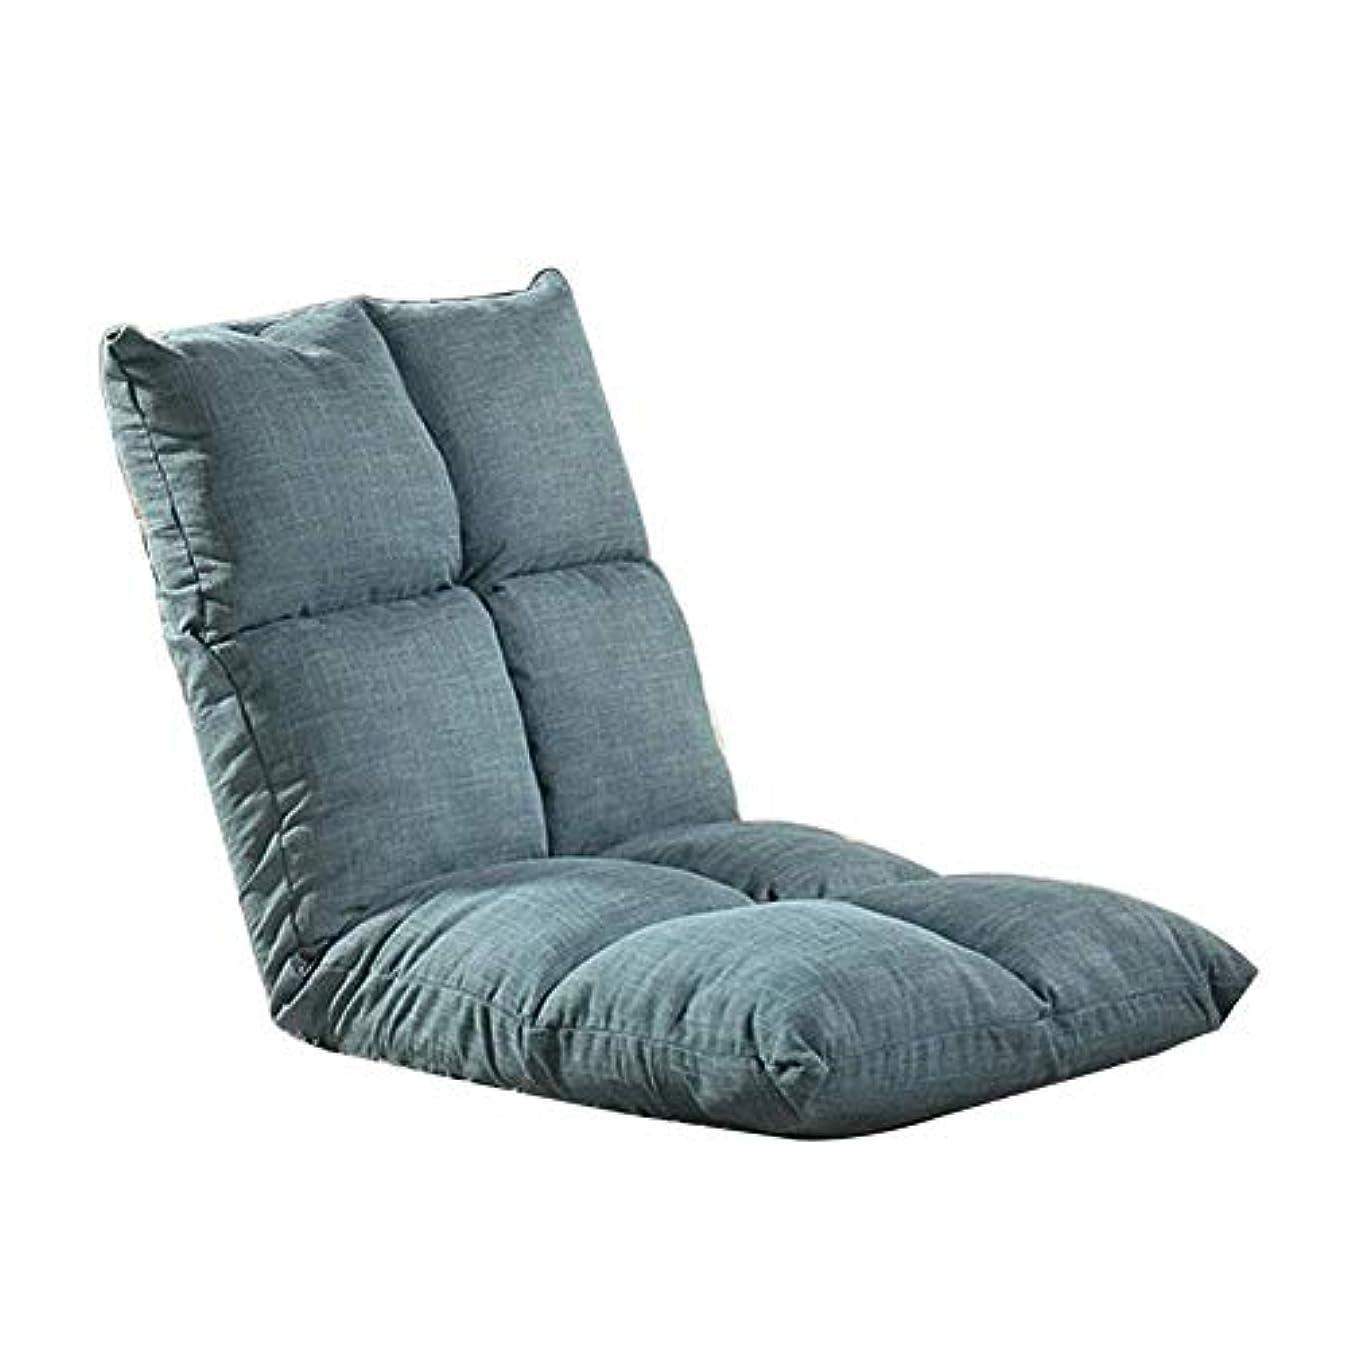 予測湿原十代の若者たち瞑想の椅子、床の怠zyなソファ、折りたたみ椅子、調節可能な椅子、畳シングルウィンドウチェア (Color : A)